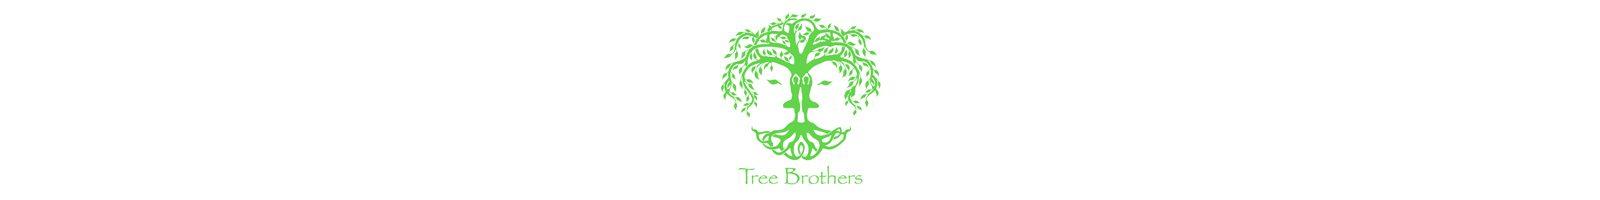 Treebrothers | Heile die Erde & heile dich Selbst